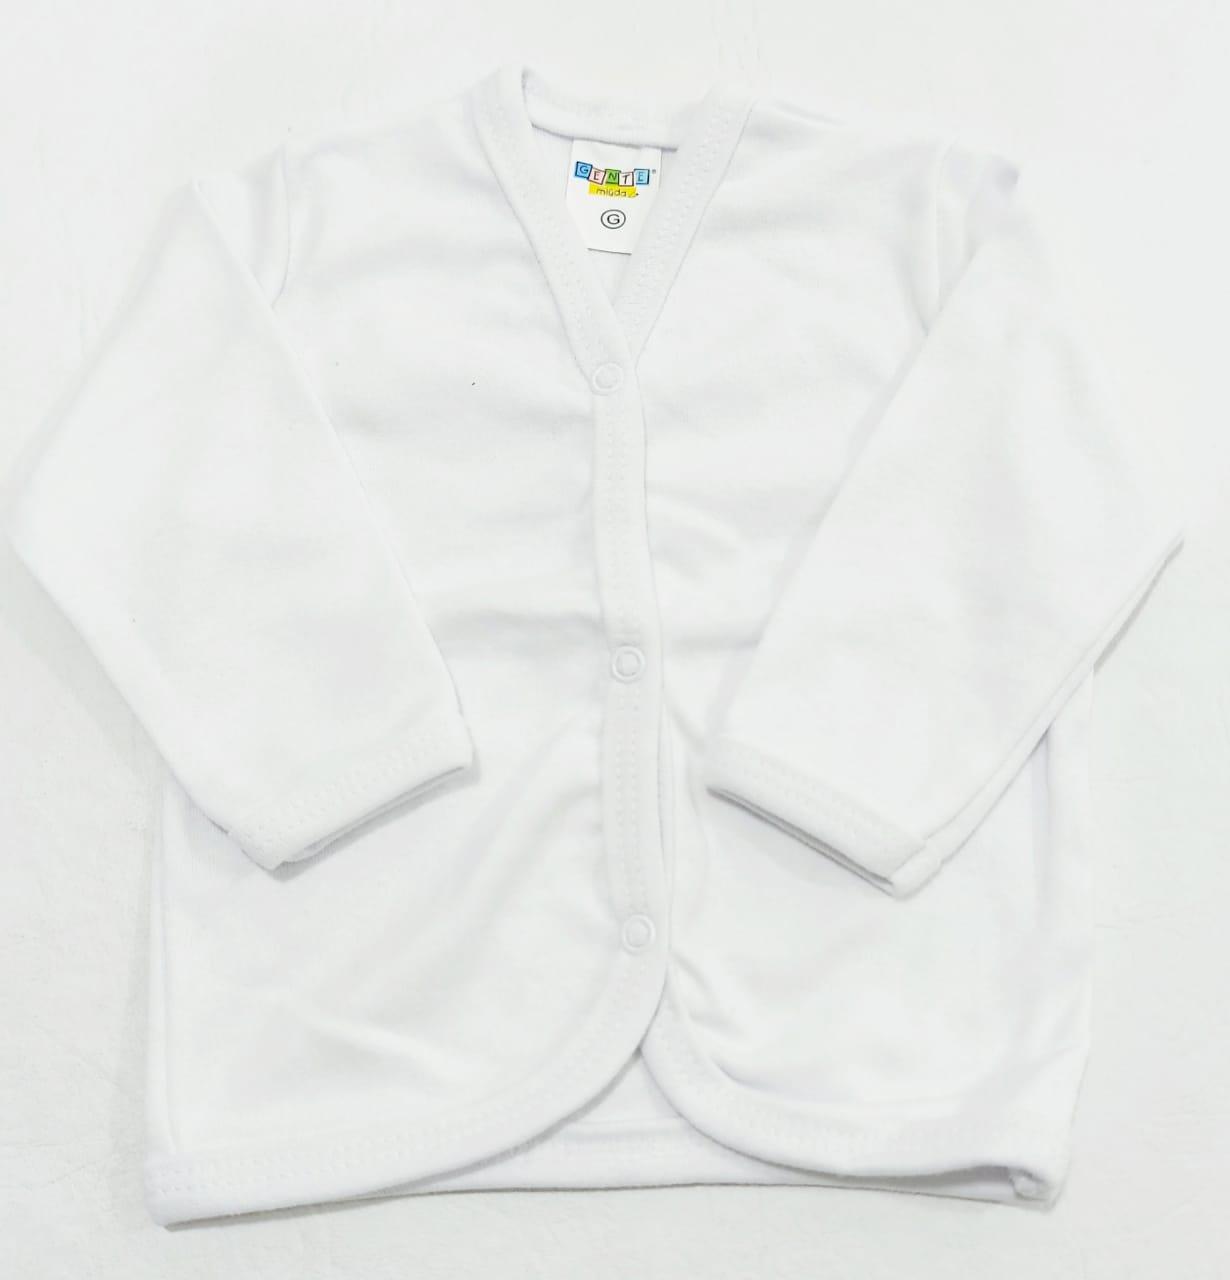 Casaco Estampado - 01 peça - 100% Algodão Suedine - Gente Miúda